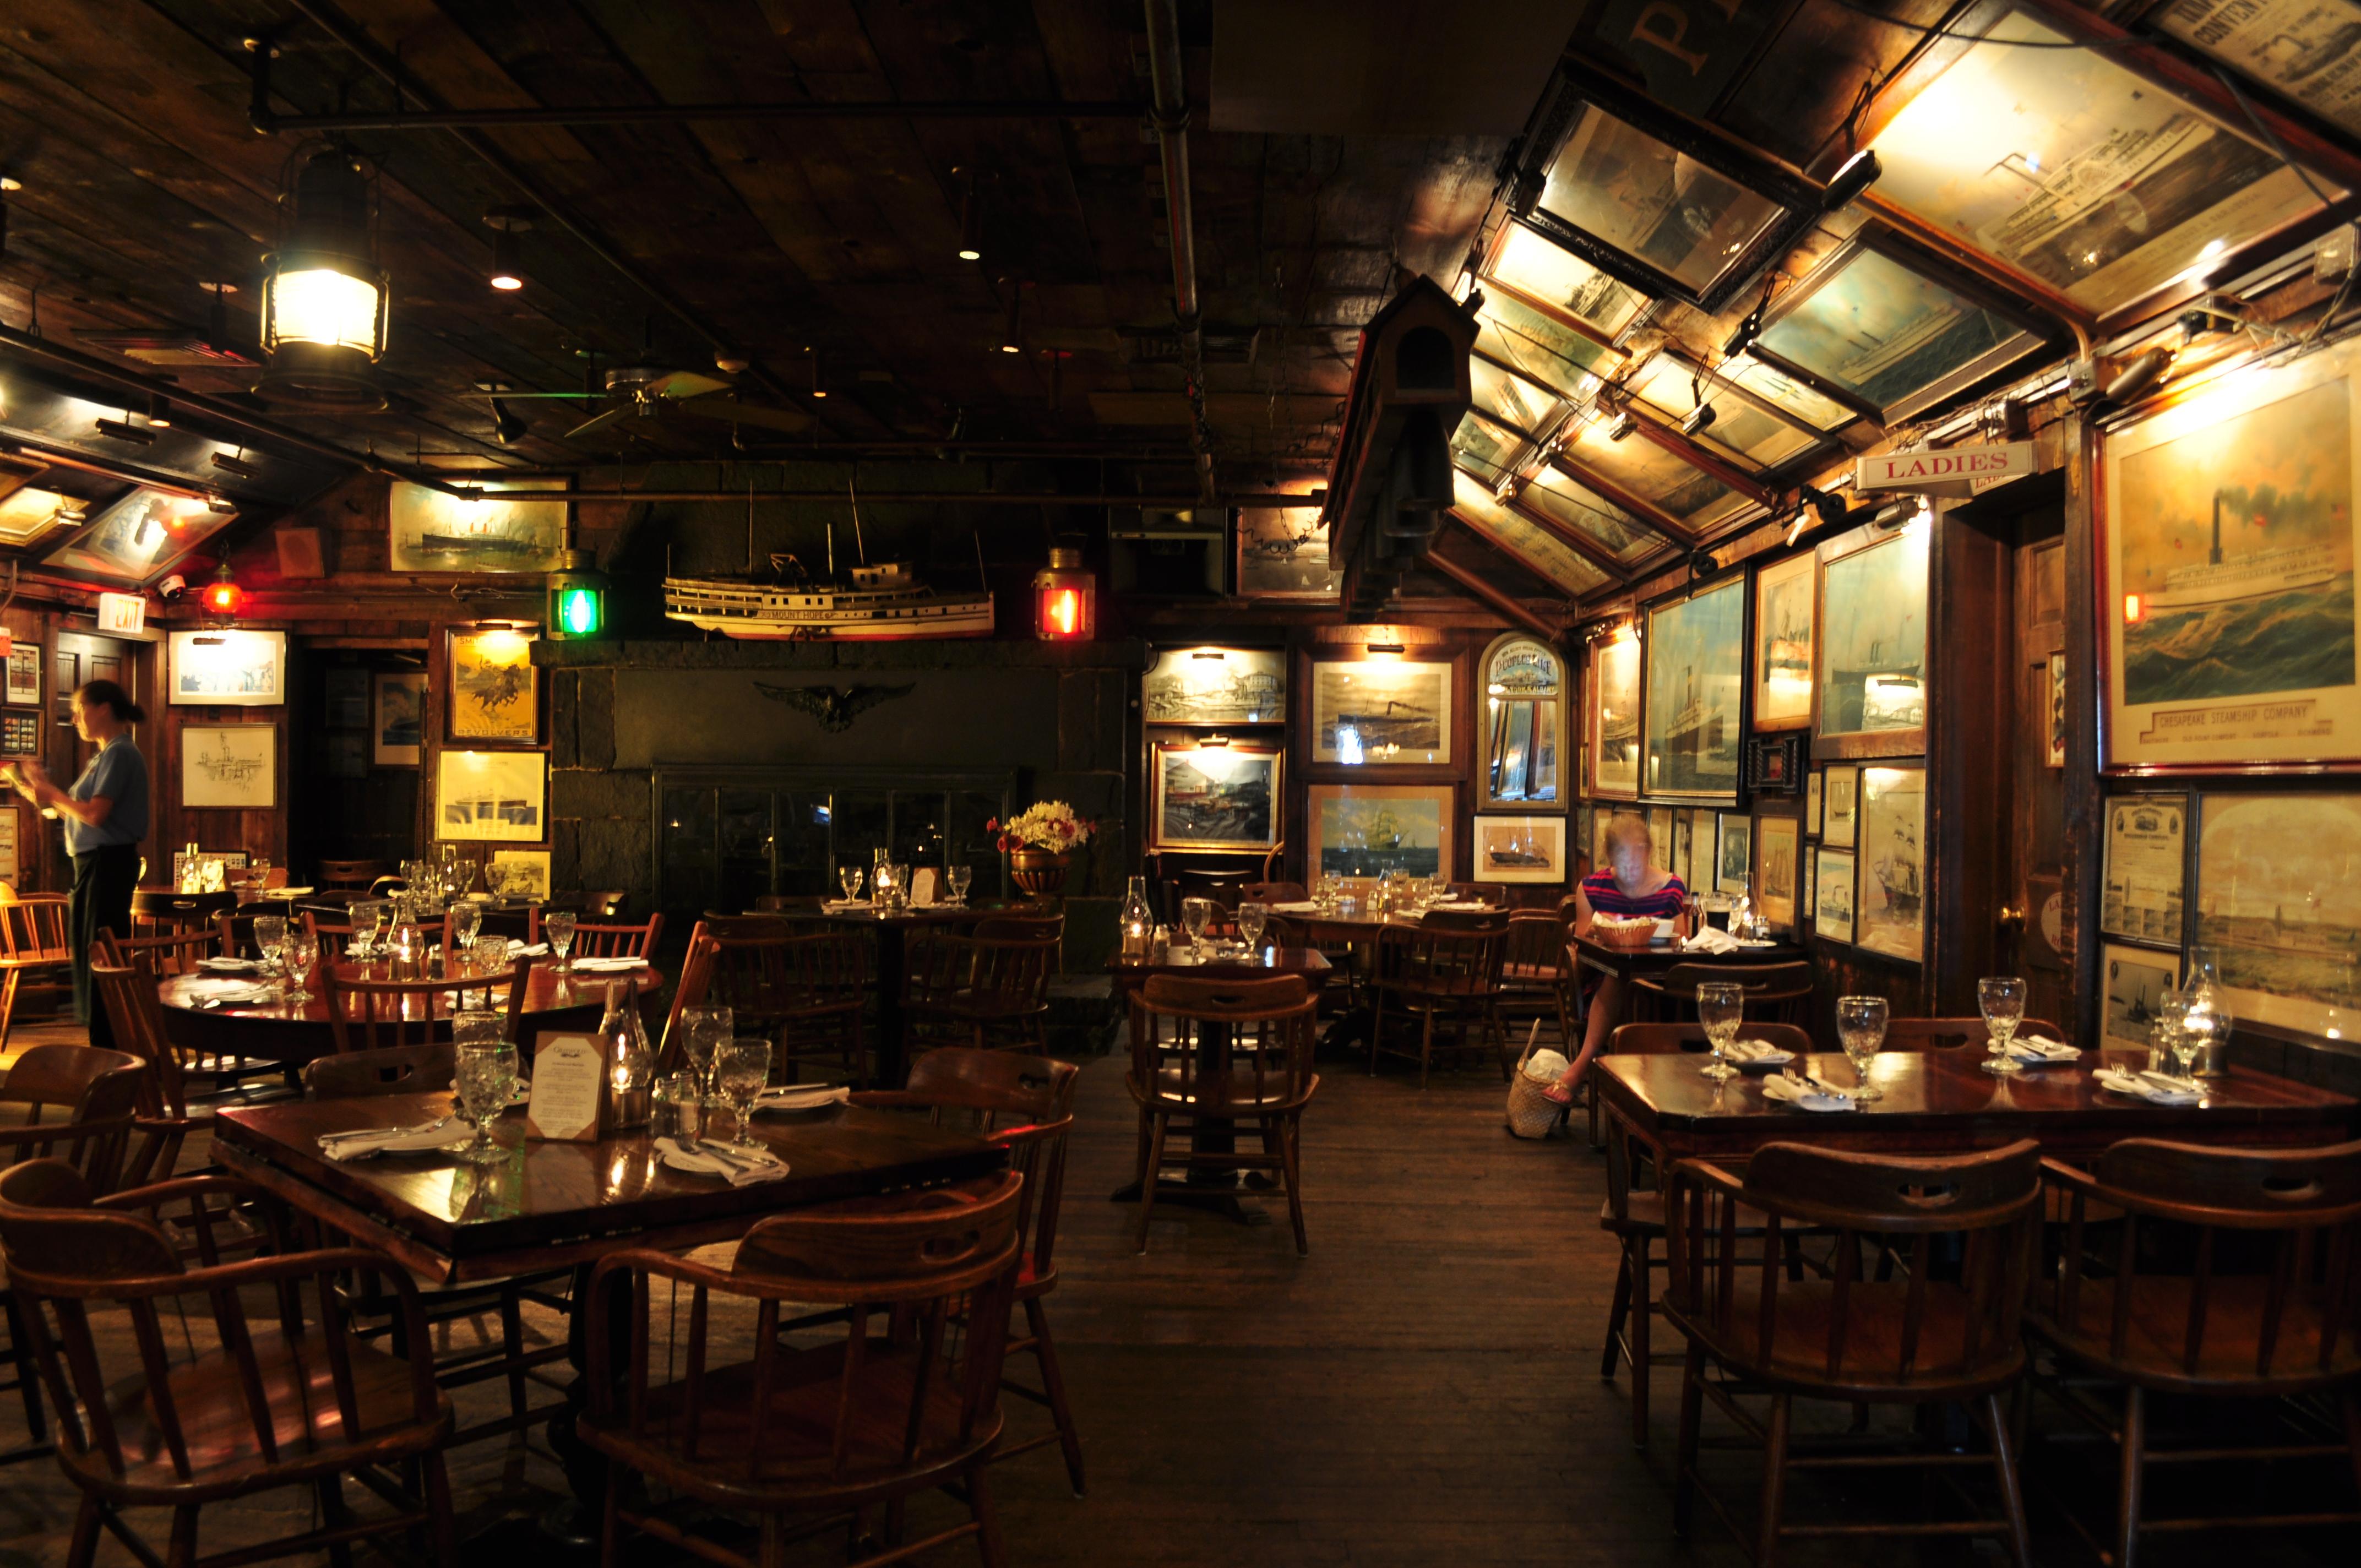 Underground Restaurant And Bar